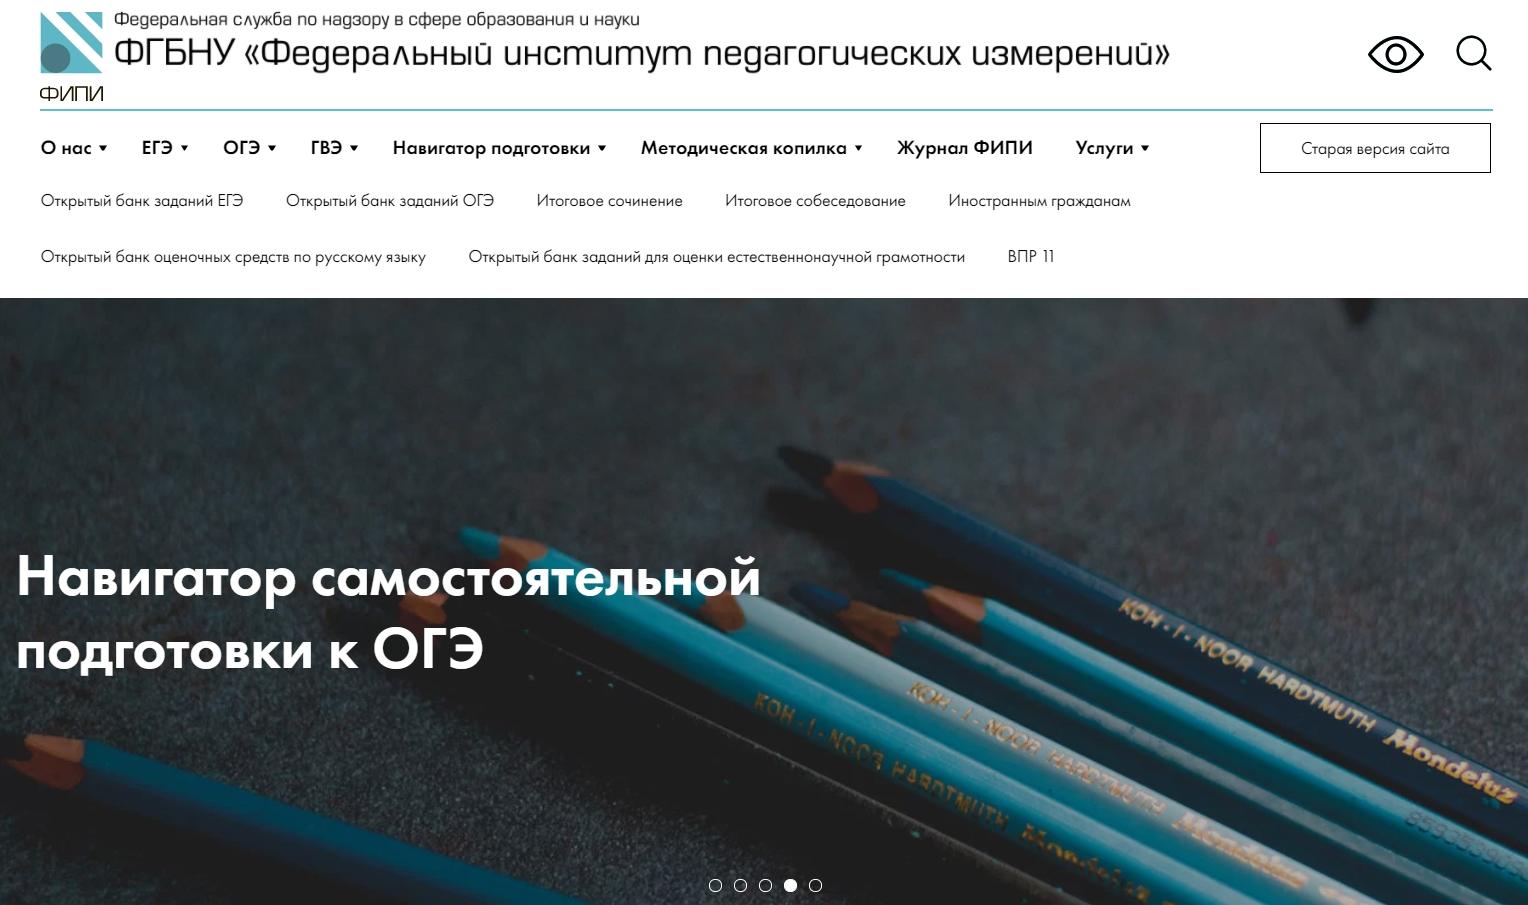 сайт ФИПИ - материалы для ОГЭ 2022 года